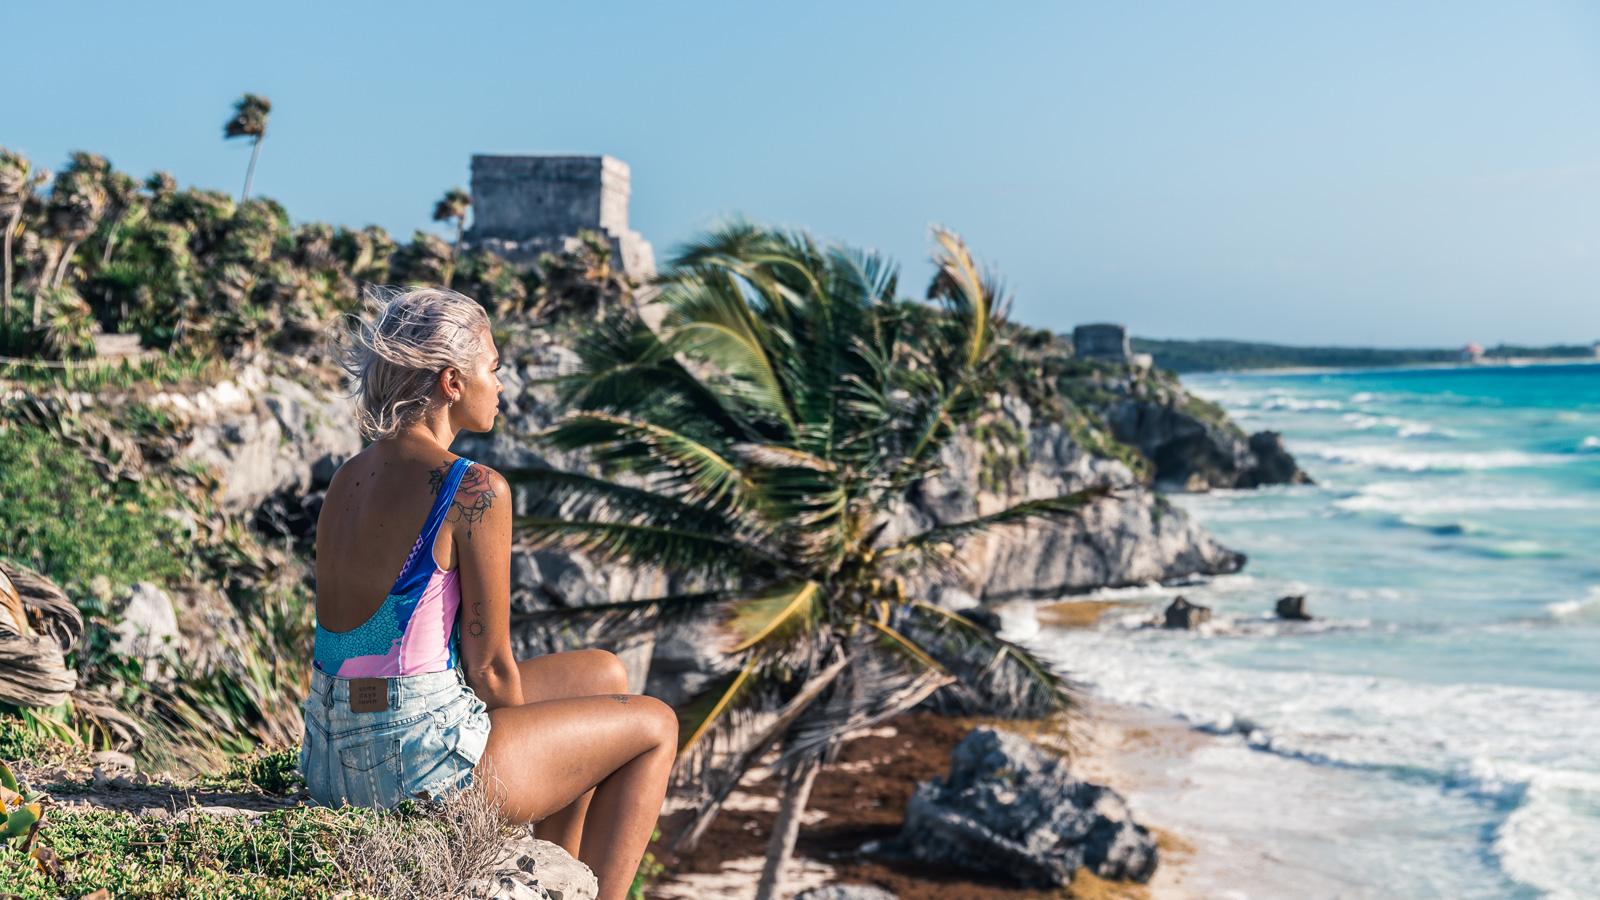 Erlebnisreise quer durch Mexiko Gruppenreise für junge Leute traveljunkies